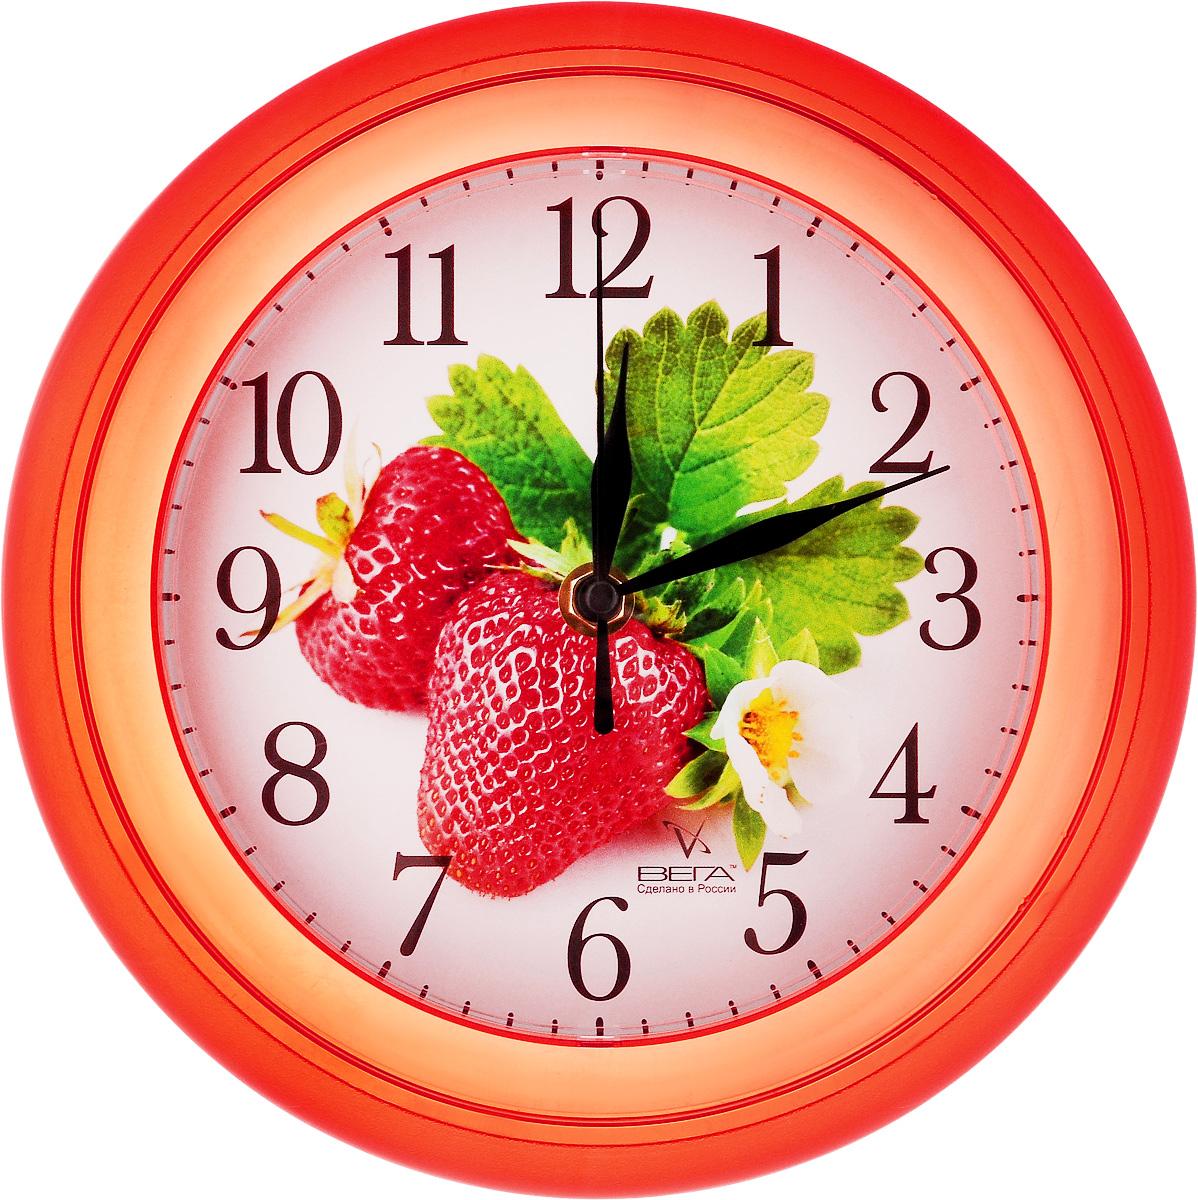 Часы настенные Вега Клубника, диаметр 22,5 смП3-5-129Настенные кварцевые часы Вега Клубника, изготовленные из пластика, прекрасно впишутся в интерьер вашего дома. Круглые часы имеют три стрелки: часовую, минутную и секундную, циферблат защищен прозрачным стеклом. Часы работают от 1 батарейки типа АА напряжением 1,5 В (не входит в комплект). Диаметр часов: 22,5 см.